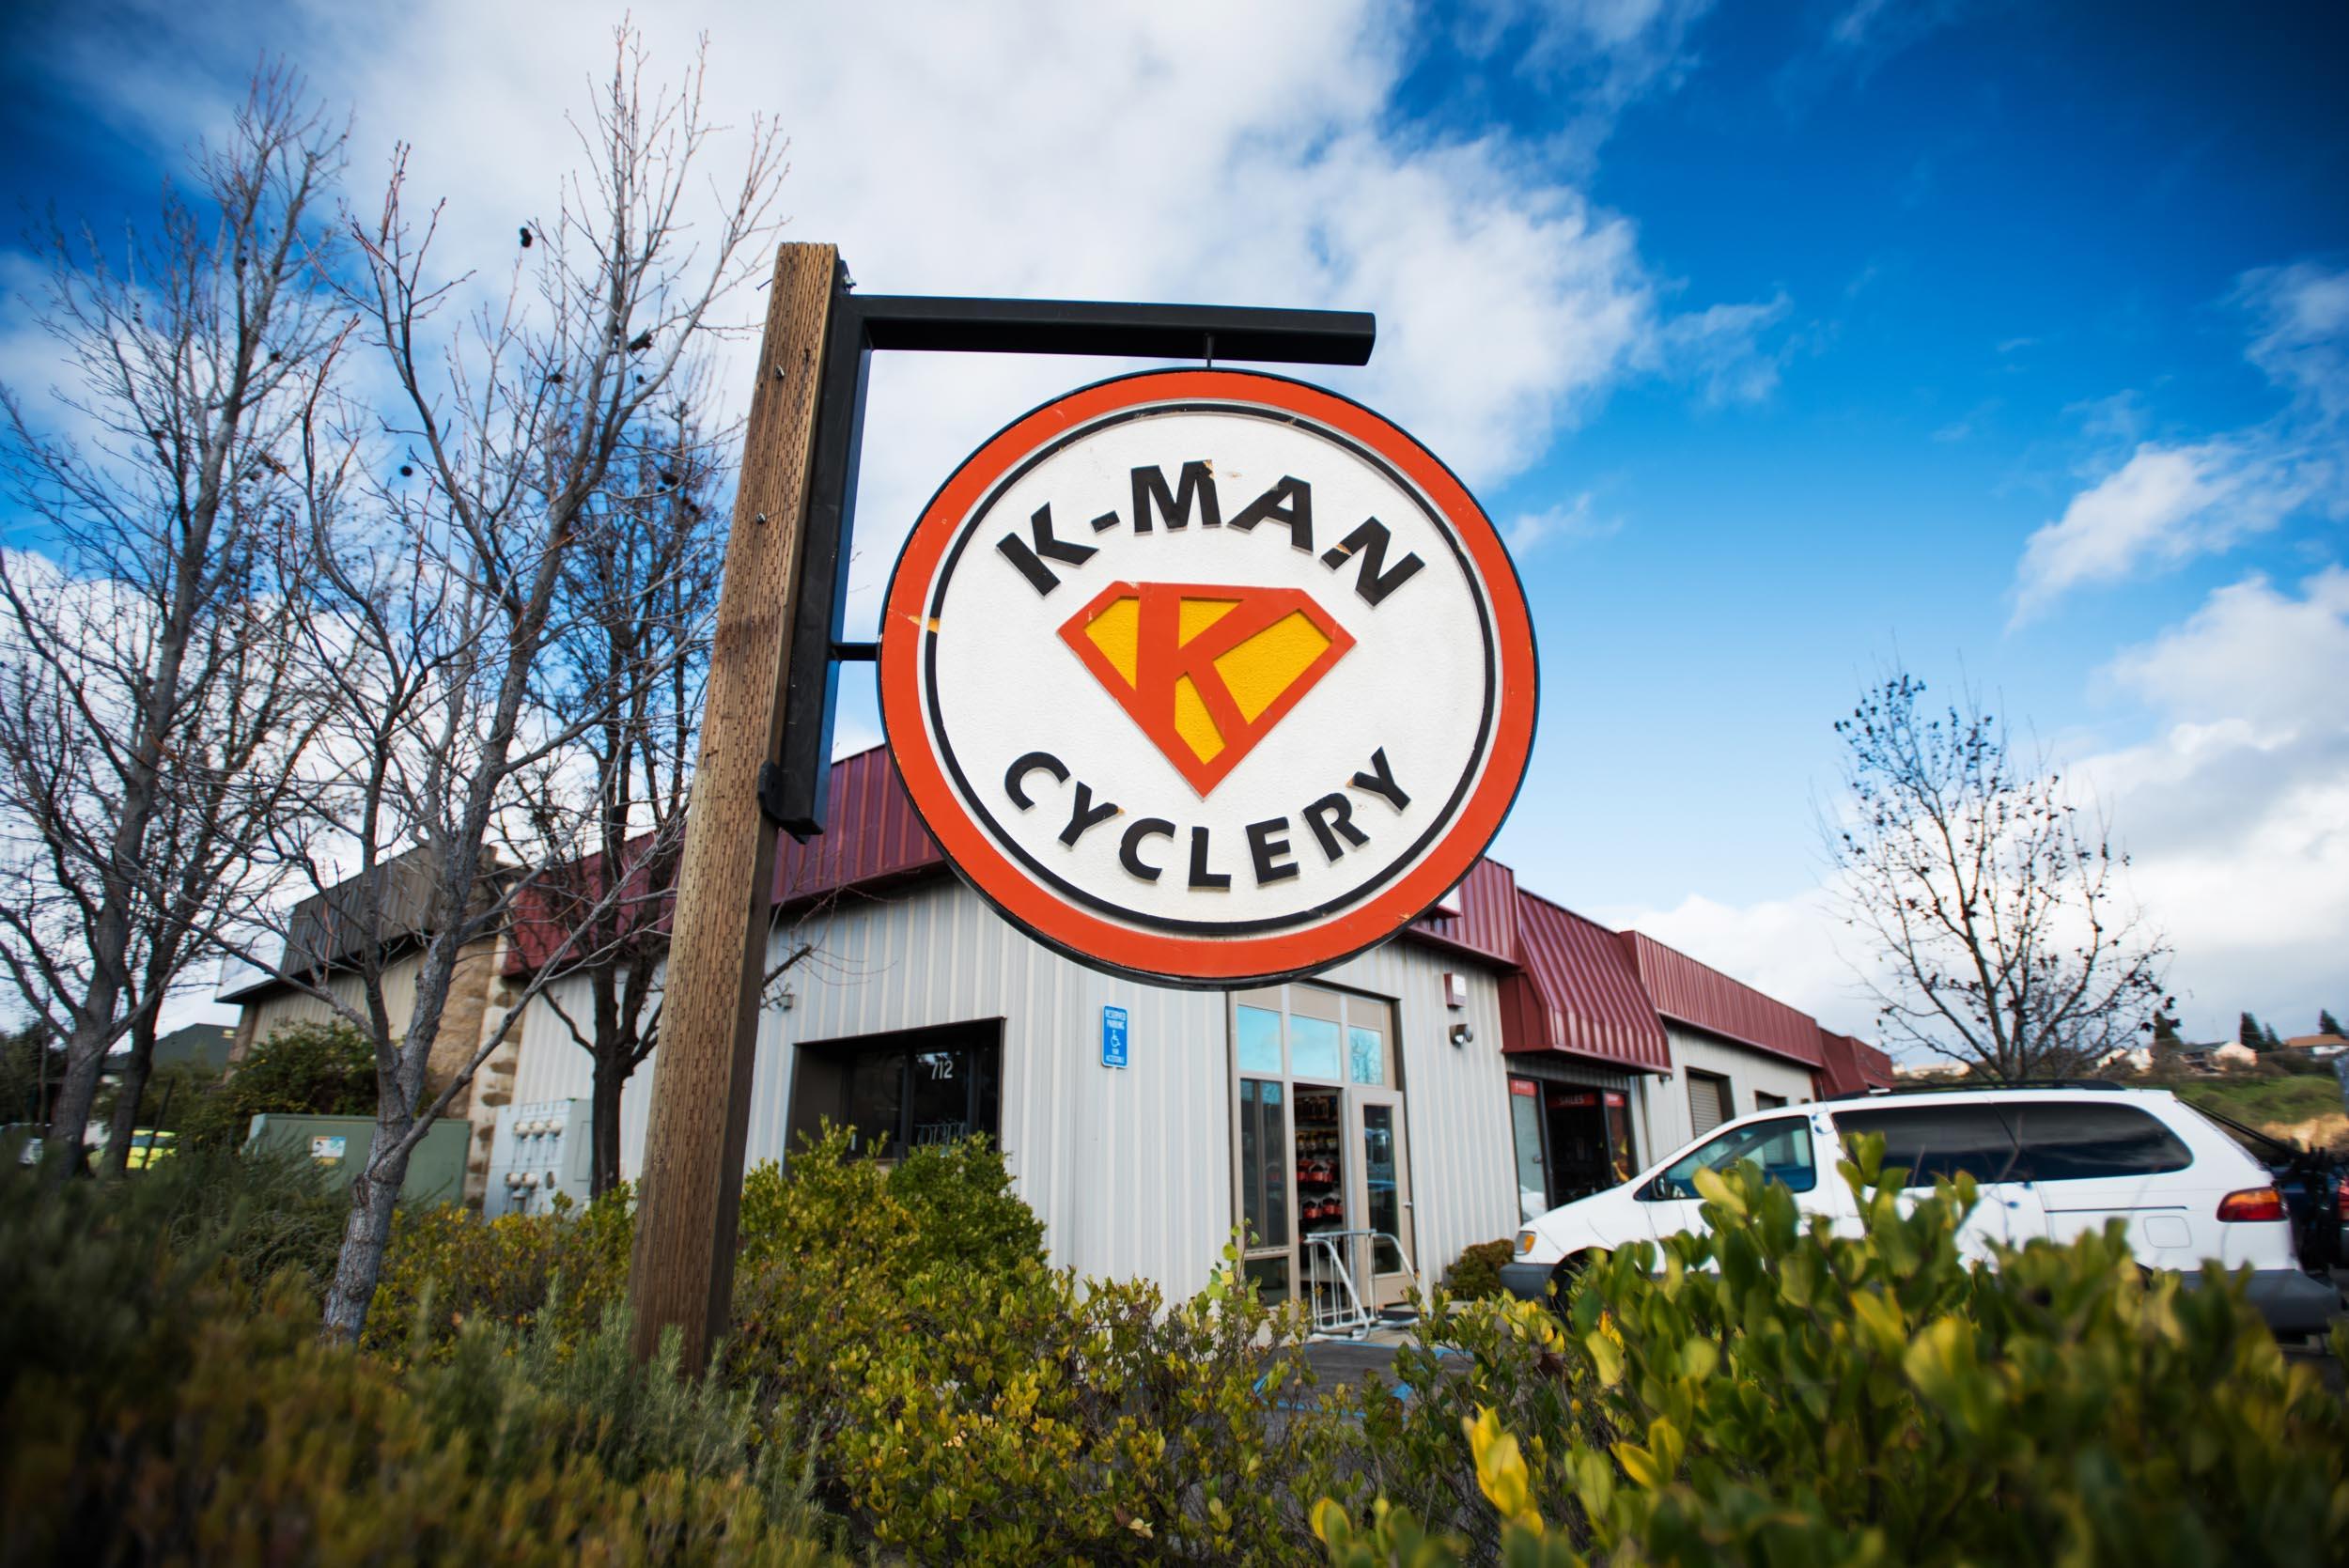 kman_cyclery_paso_location_w.jpg